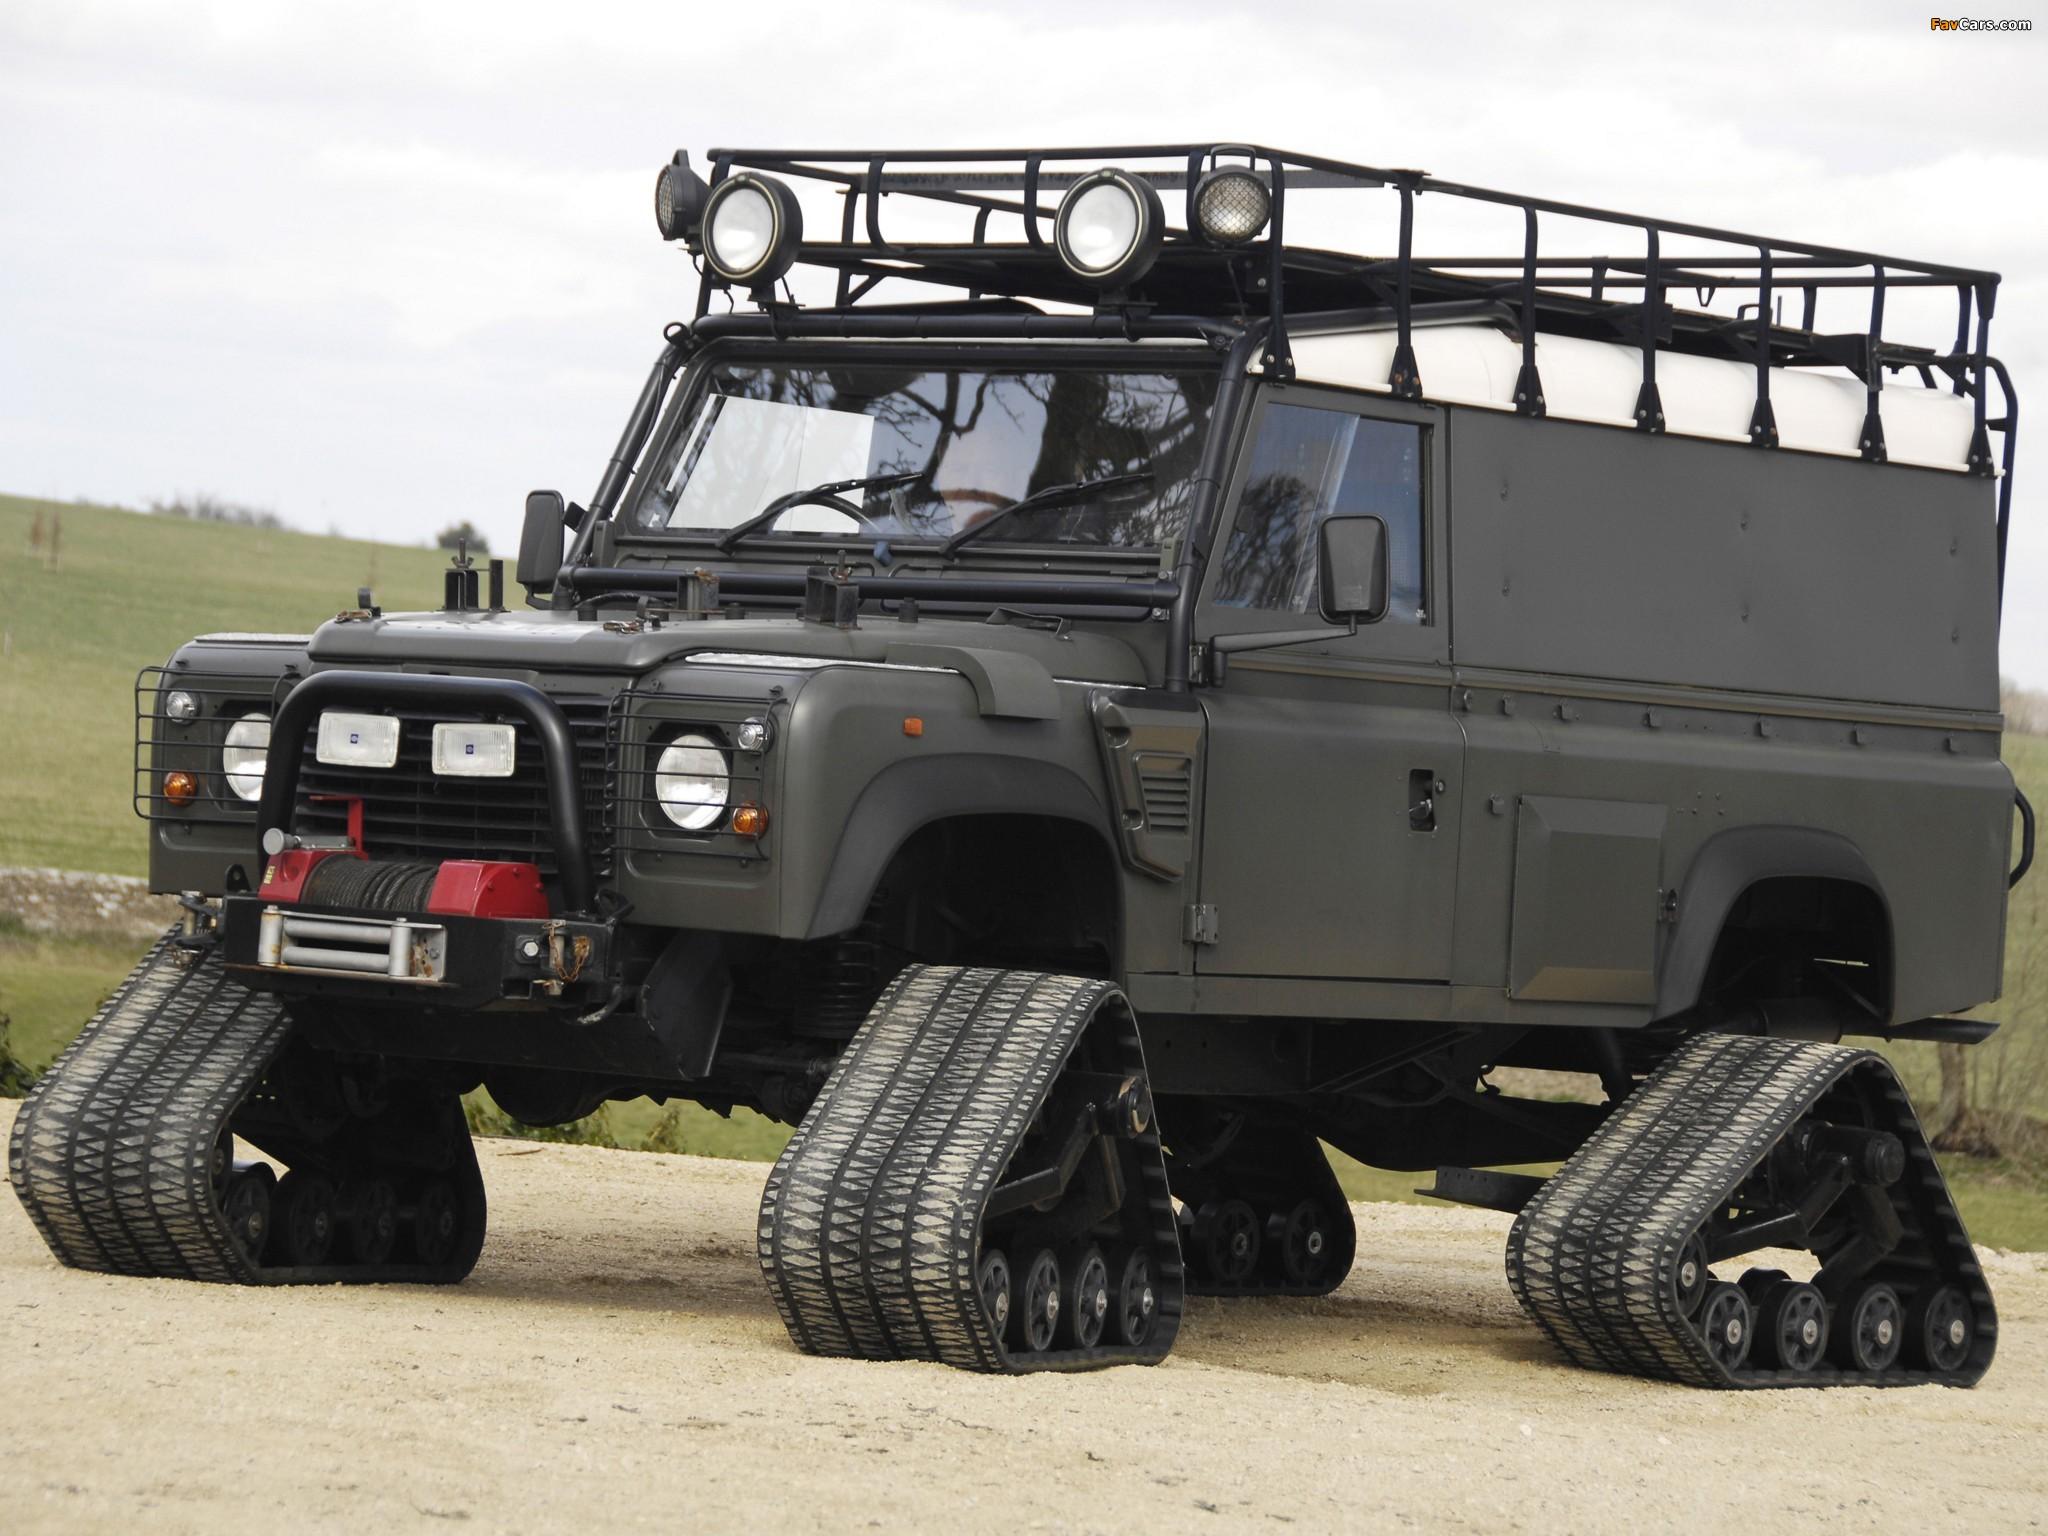 Land Rover Defender 110 Hard Top Matt Track 1998 4x4